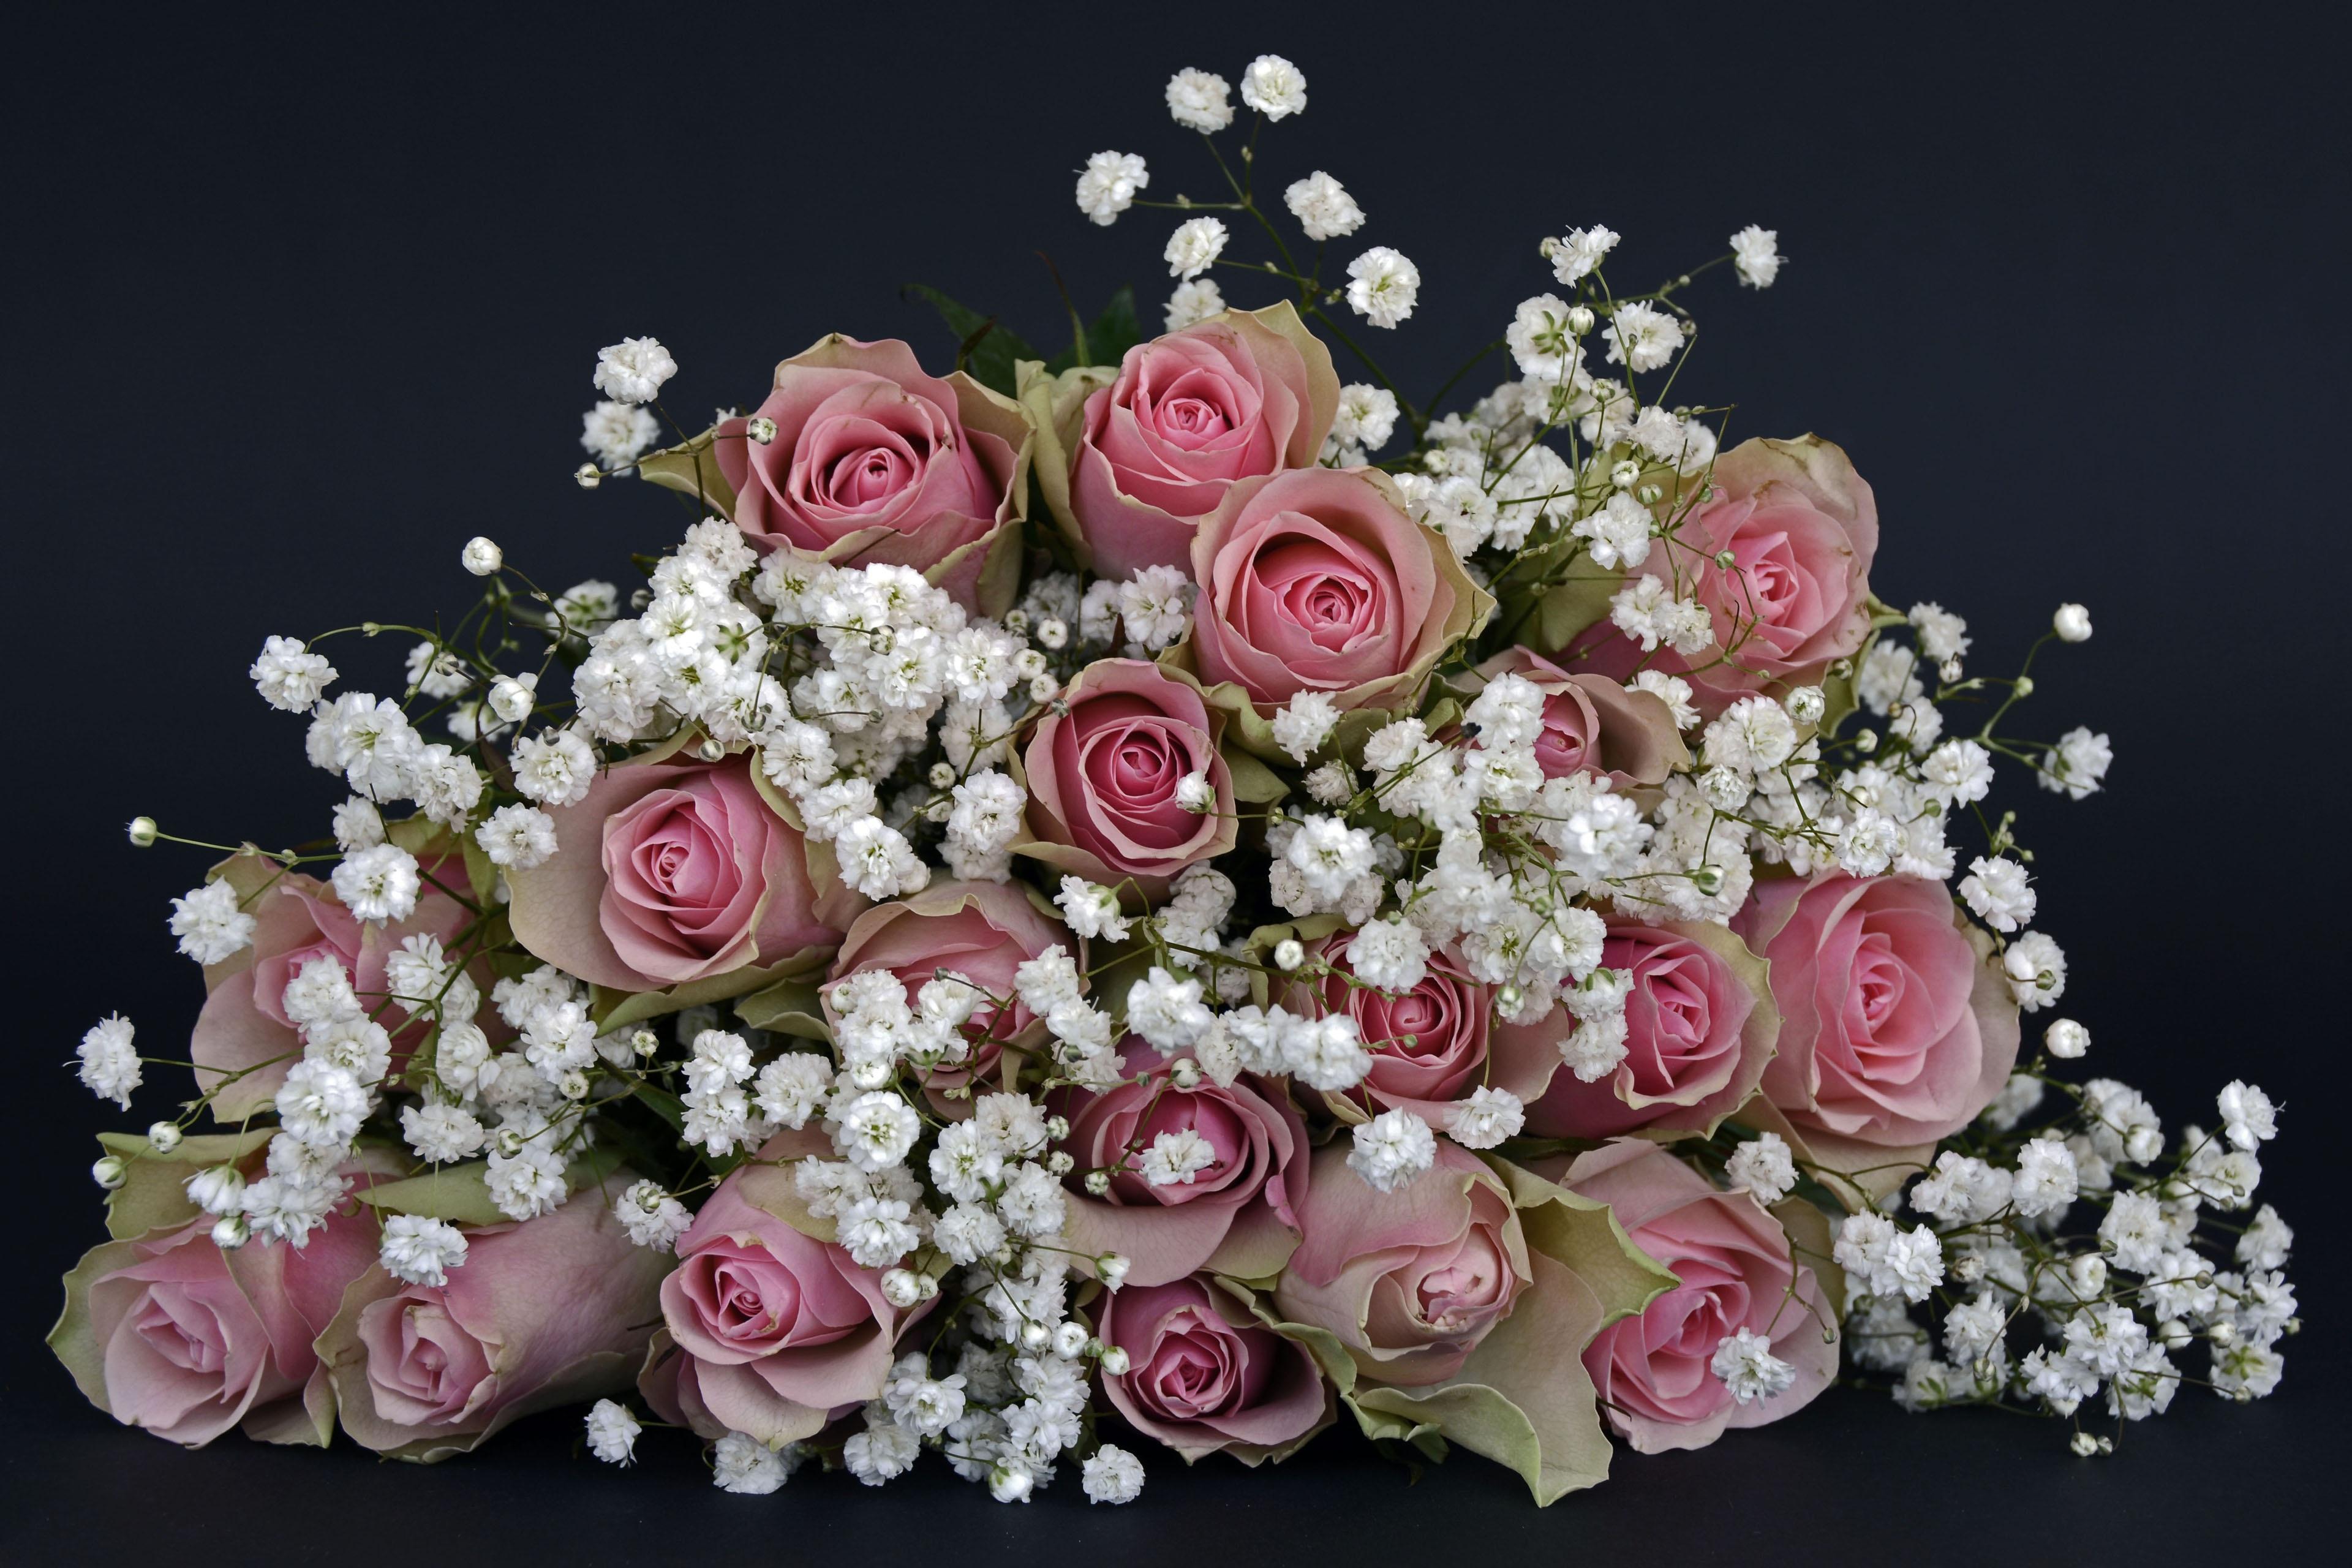 142284 скачать обои Цветы, Букет, Оформление, Розы - заставки и картинки бесплатно